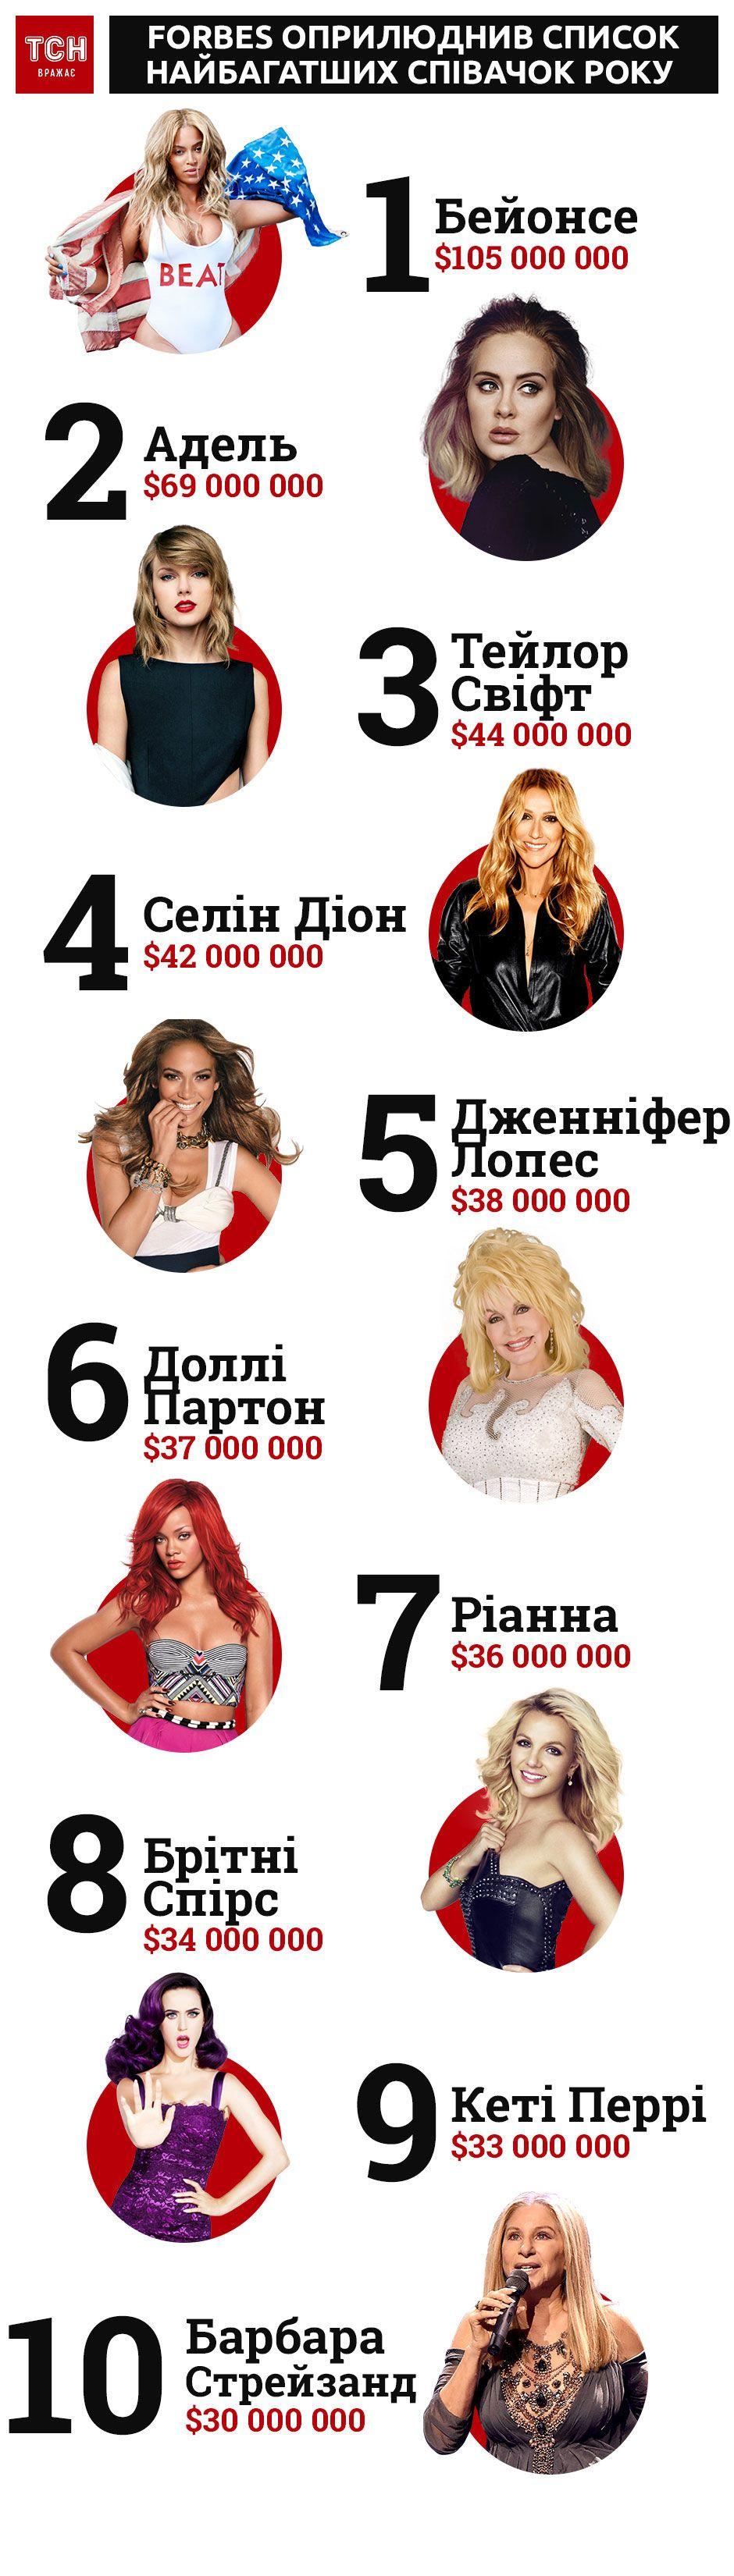 Рейтинг Forbes найбагатші співачки за рік